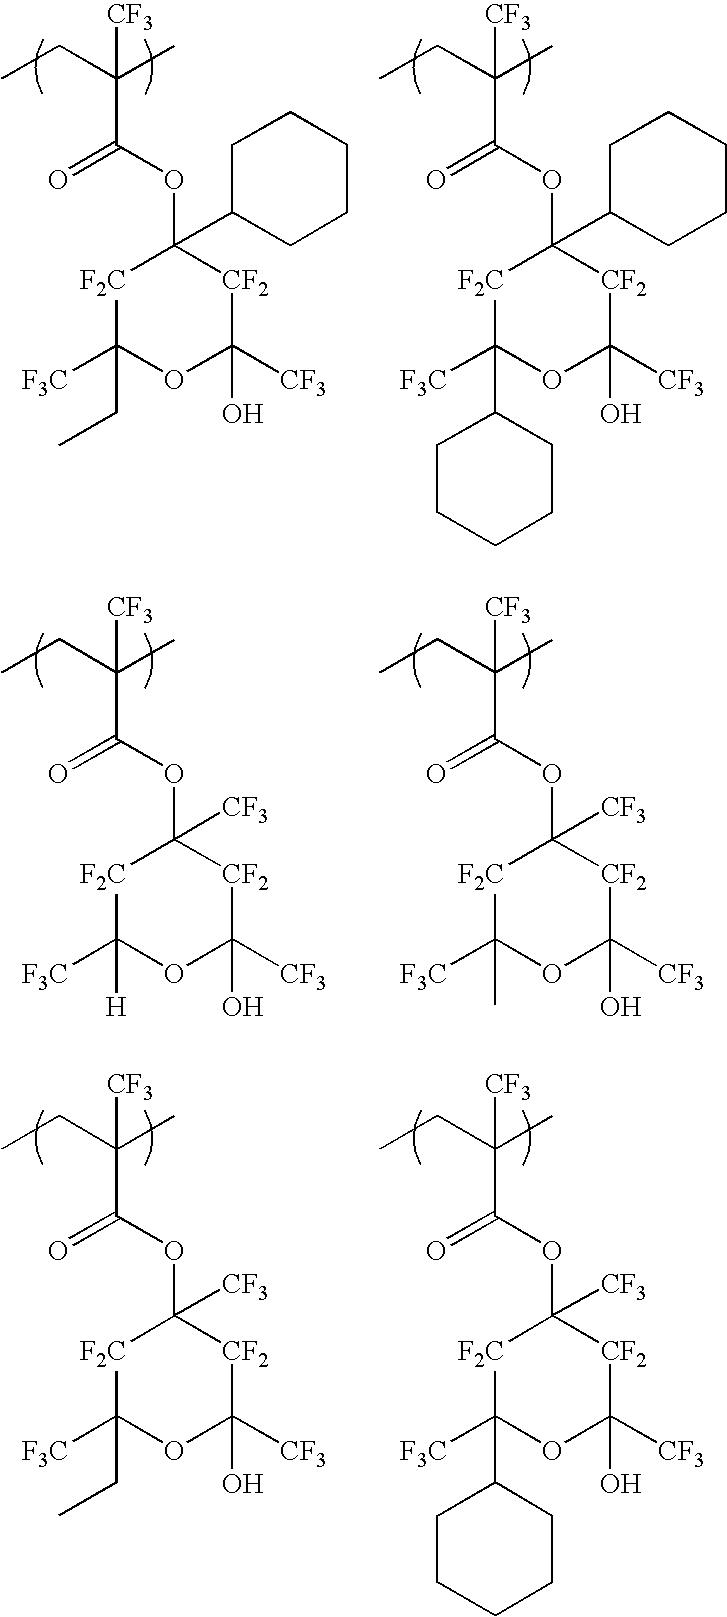 Figure US20060094817A1-20060504-C00032